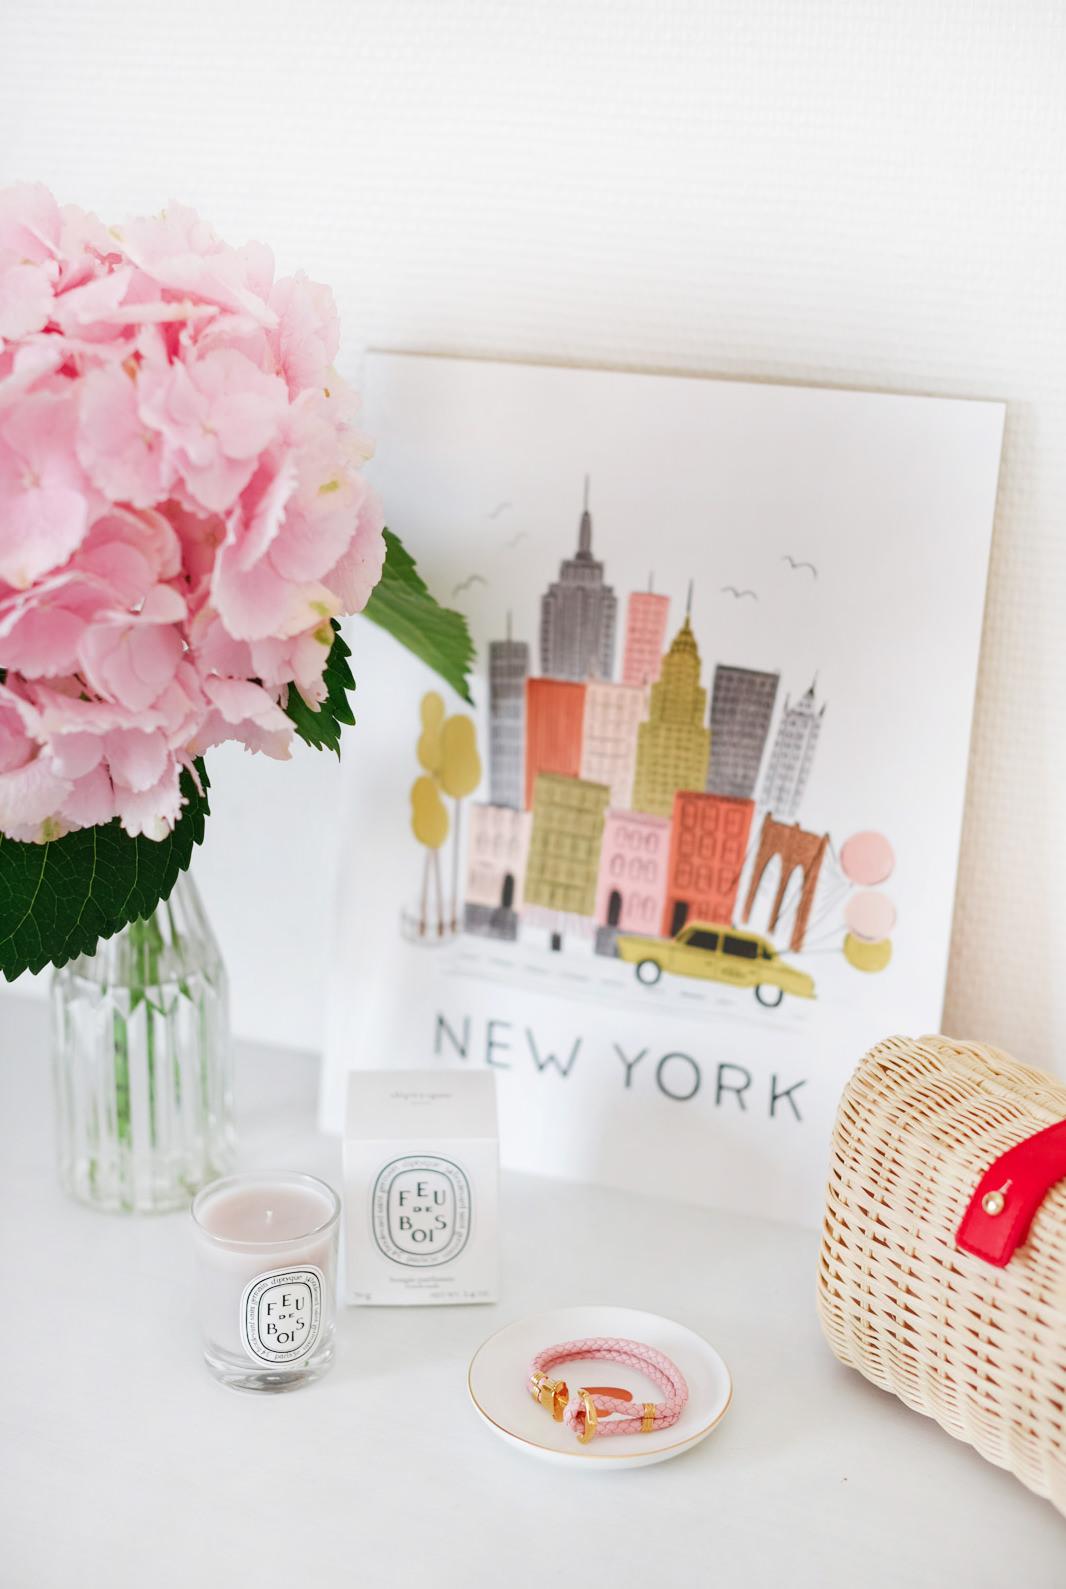 Blog-Mode-And-the-City-Lifestyle-Cadeaux-Anniversaire-28-ans